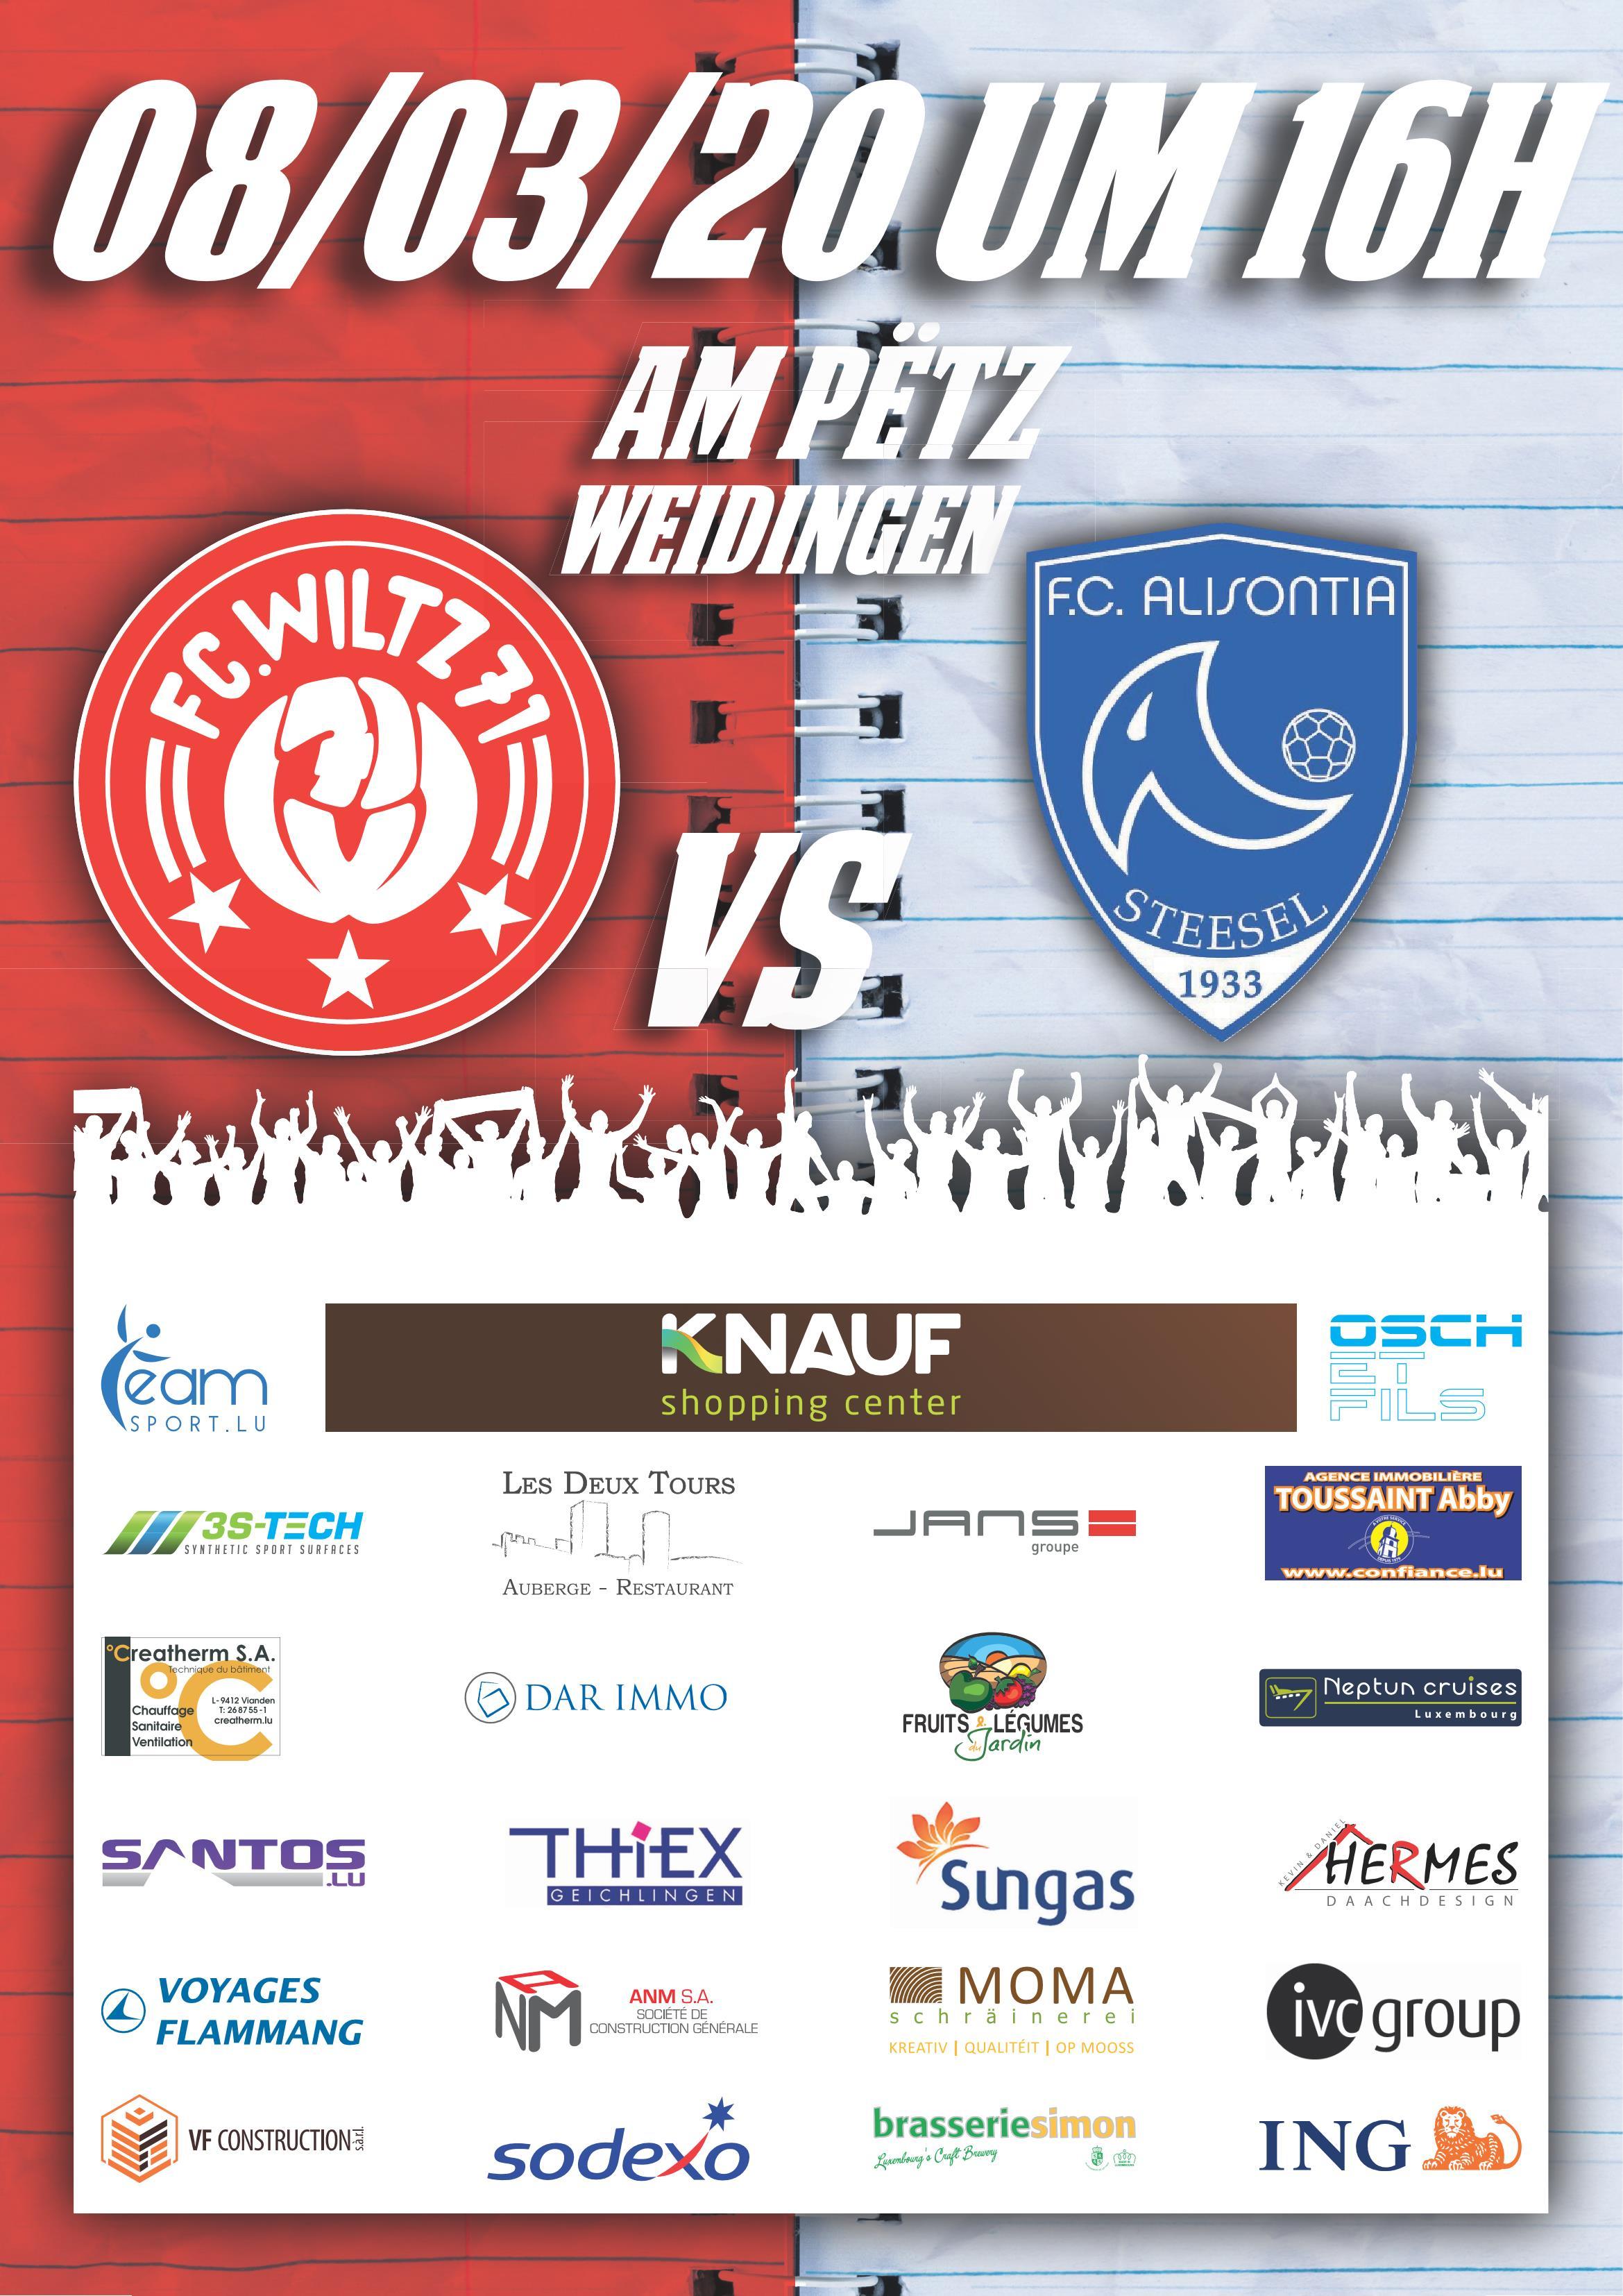 FC Wooltz 71 vs FC Alisontia Steesel